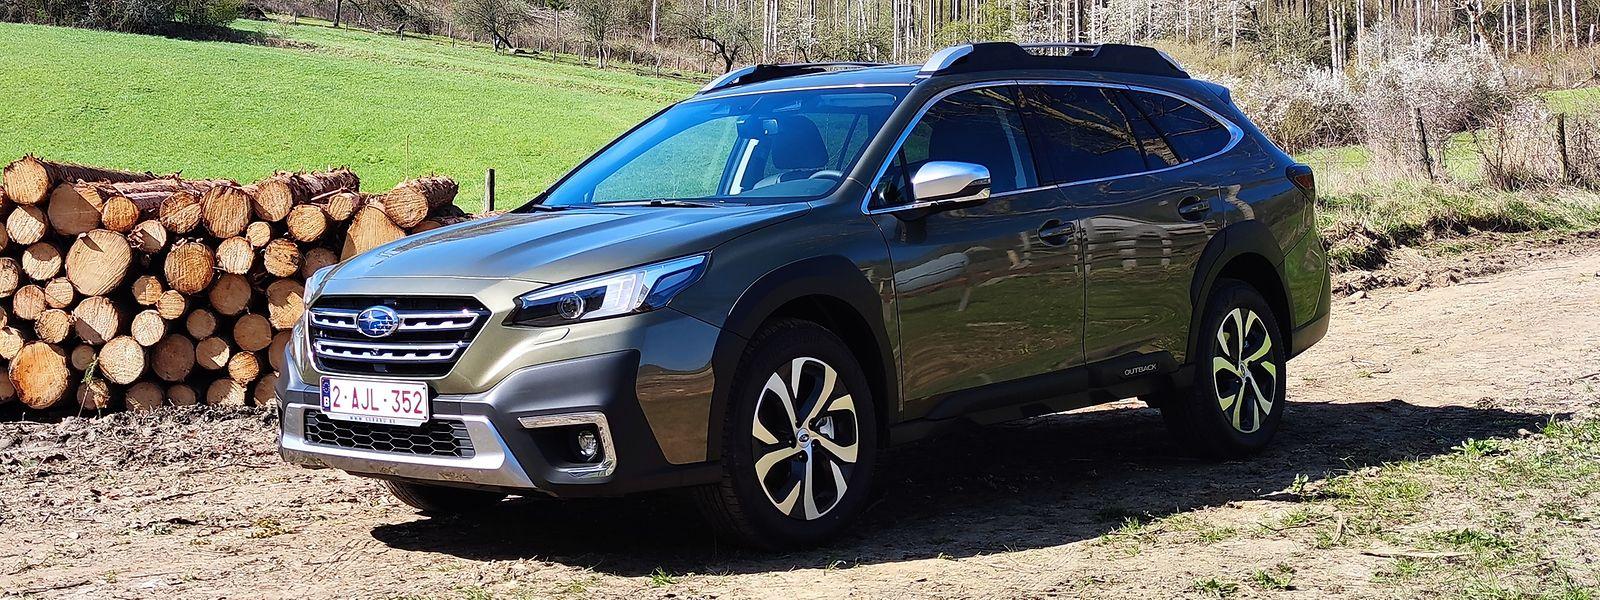 In der Comfort-Ausstattung gibt's den Outback mit dem neuen 2,5-Liter Benzin-Boxermotor, 169 PS und dem bewährten Allradantrieb ab 38.675 Euro.